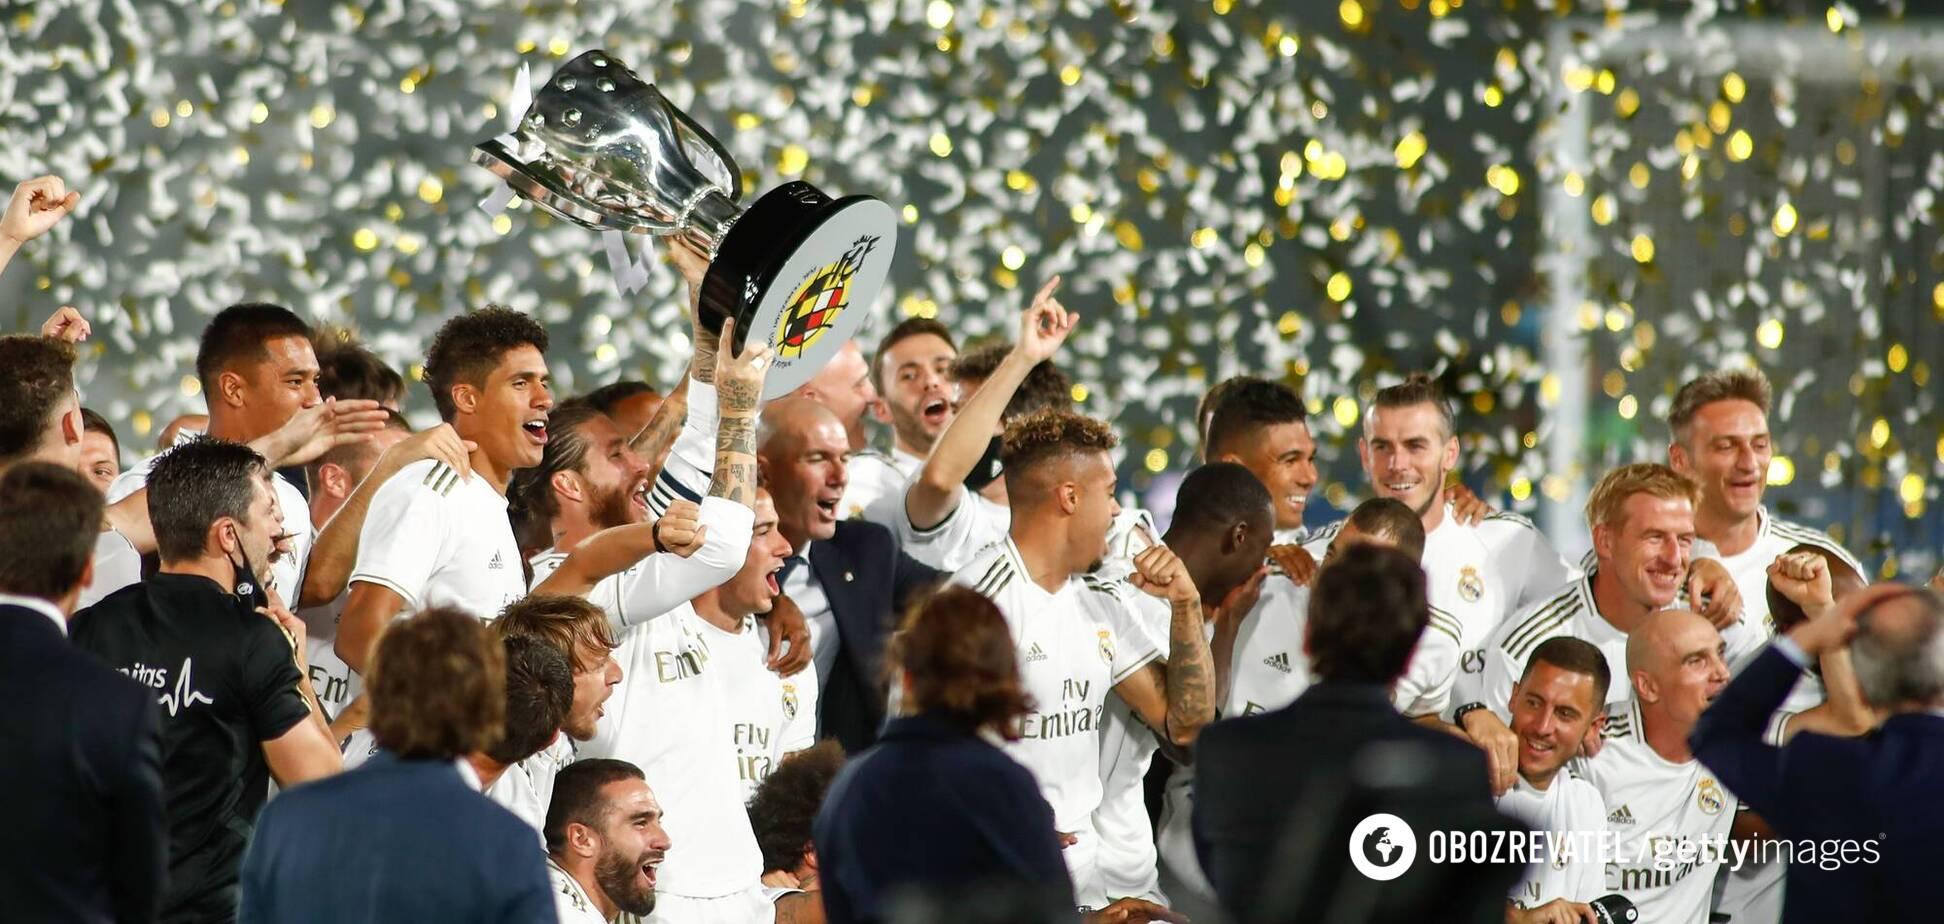 'Реал' завоював титул чемпіона Іспанії 2019/20